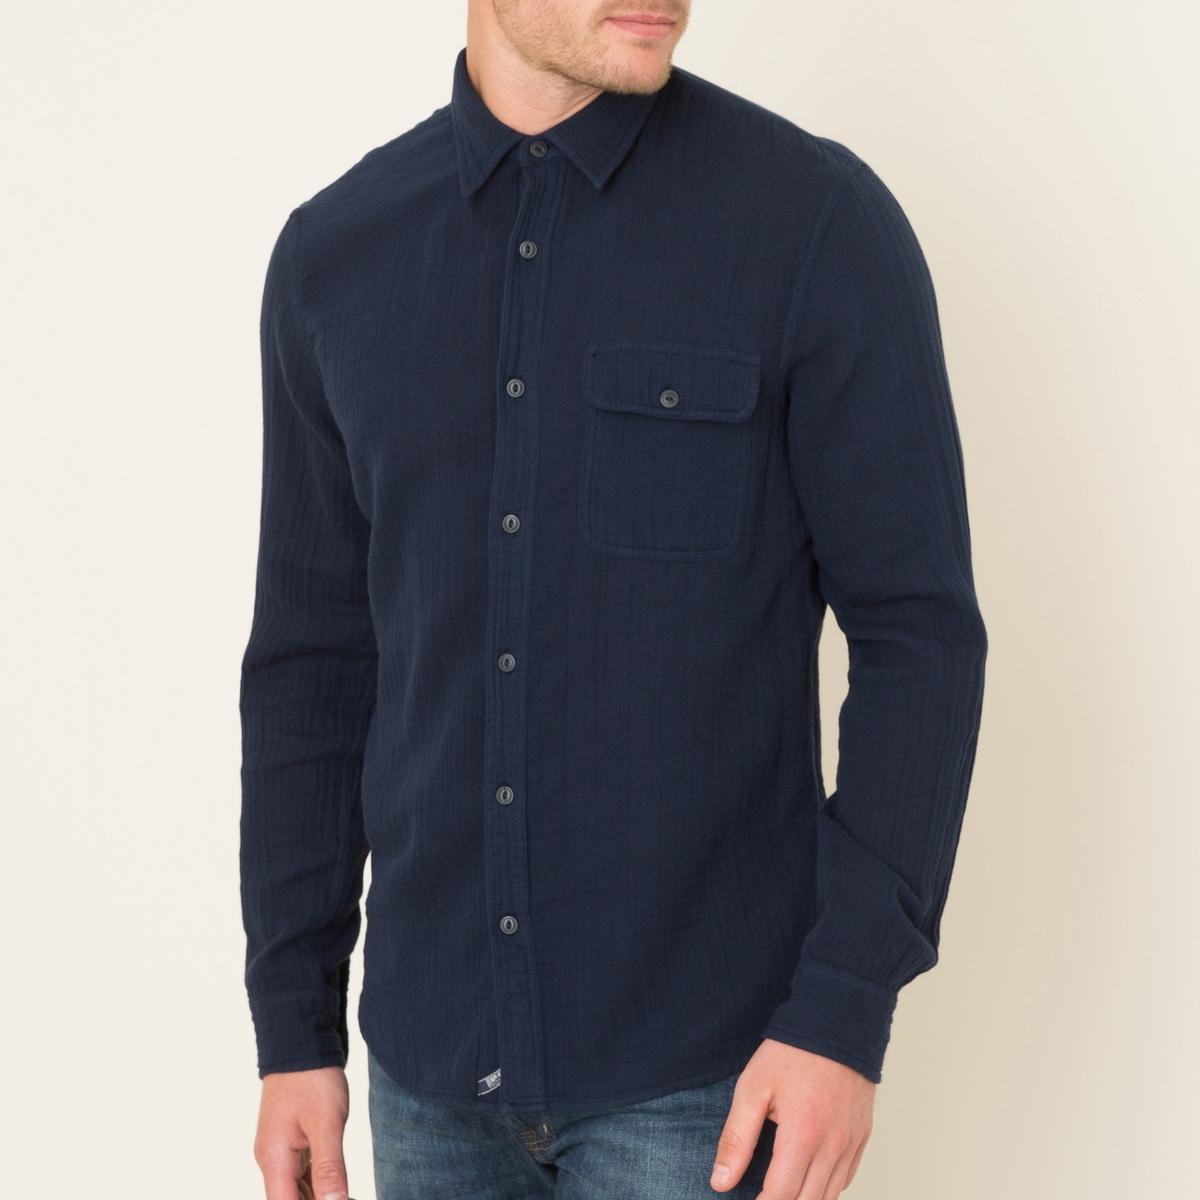 Рубашка из хлопка с плотным переплетением нитейСостав и описание Материал : 100% хлопокМарка : Denim and Supply Ralph Lauren<br><br>Цвет: темно-синий